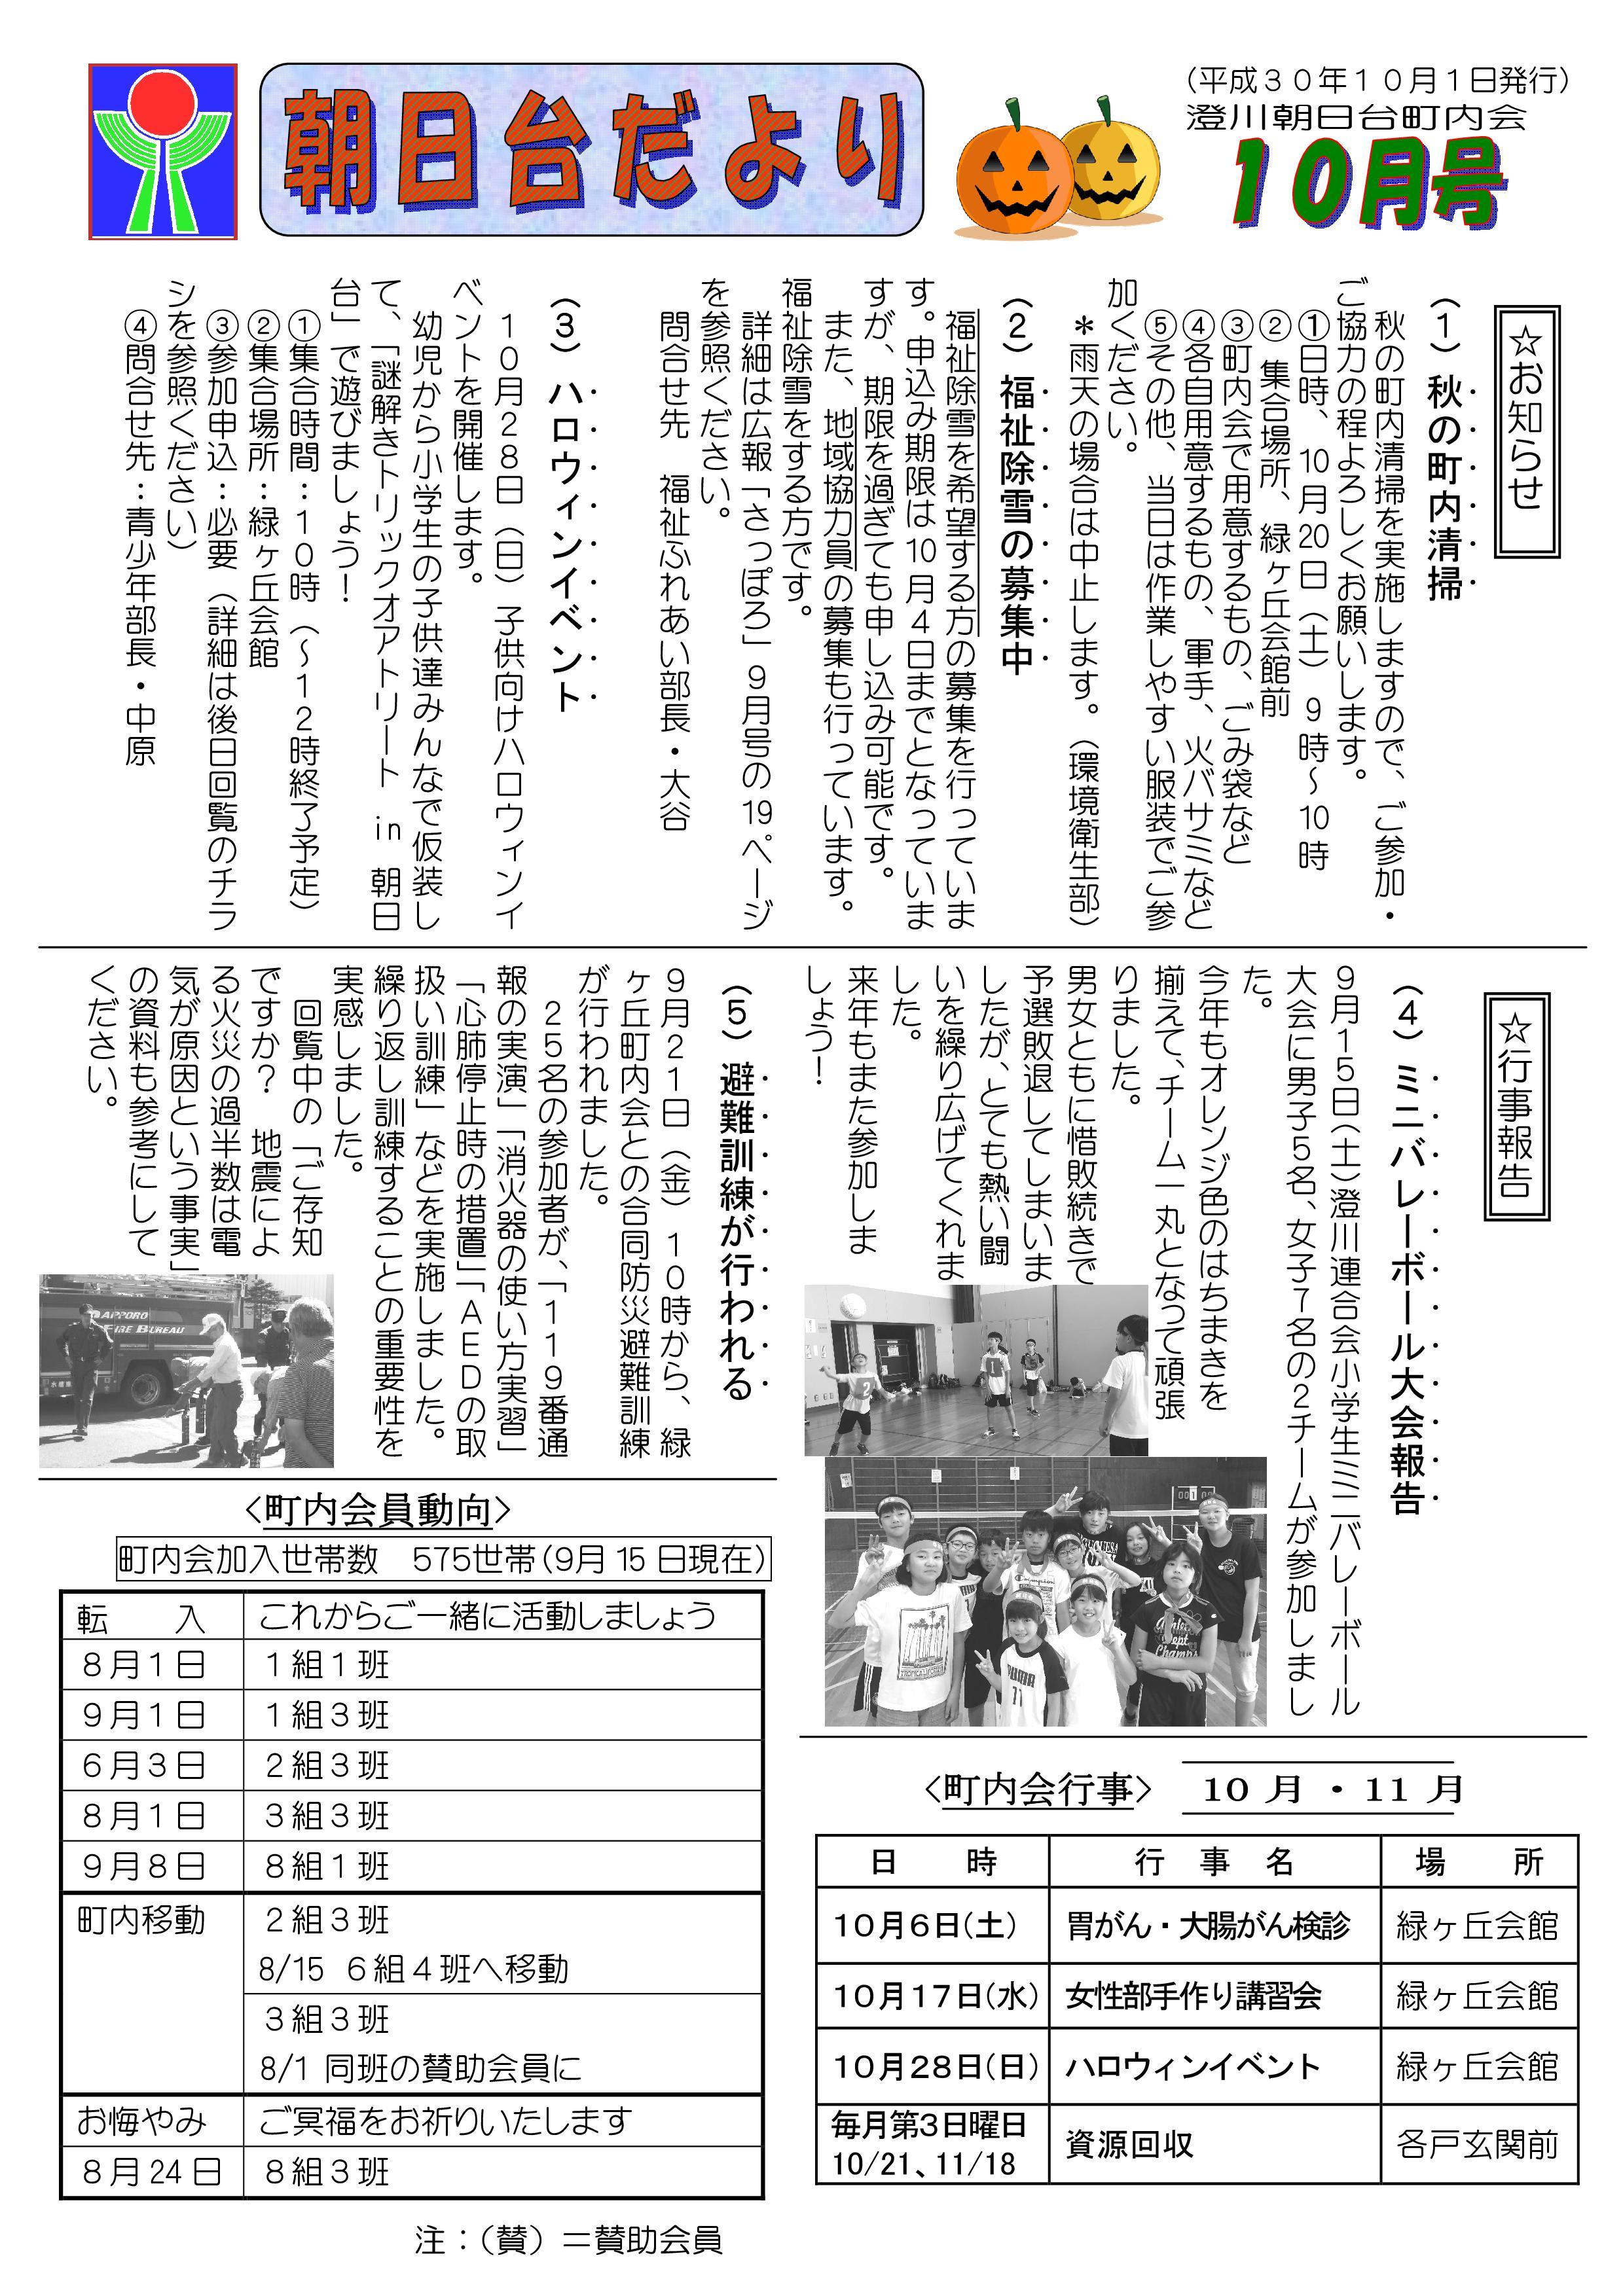 http://sumikawa.info/asahidai/10%E6%9C%88%E5%8F%B7.jpg